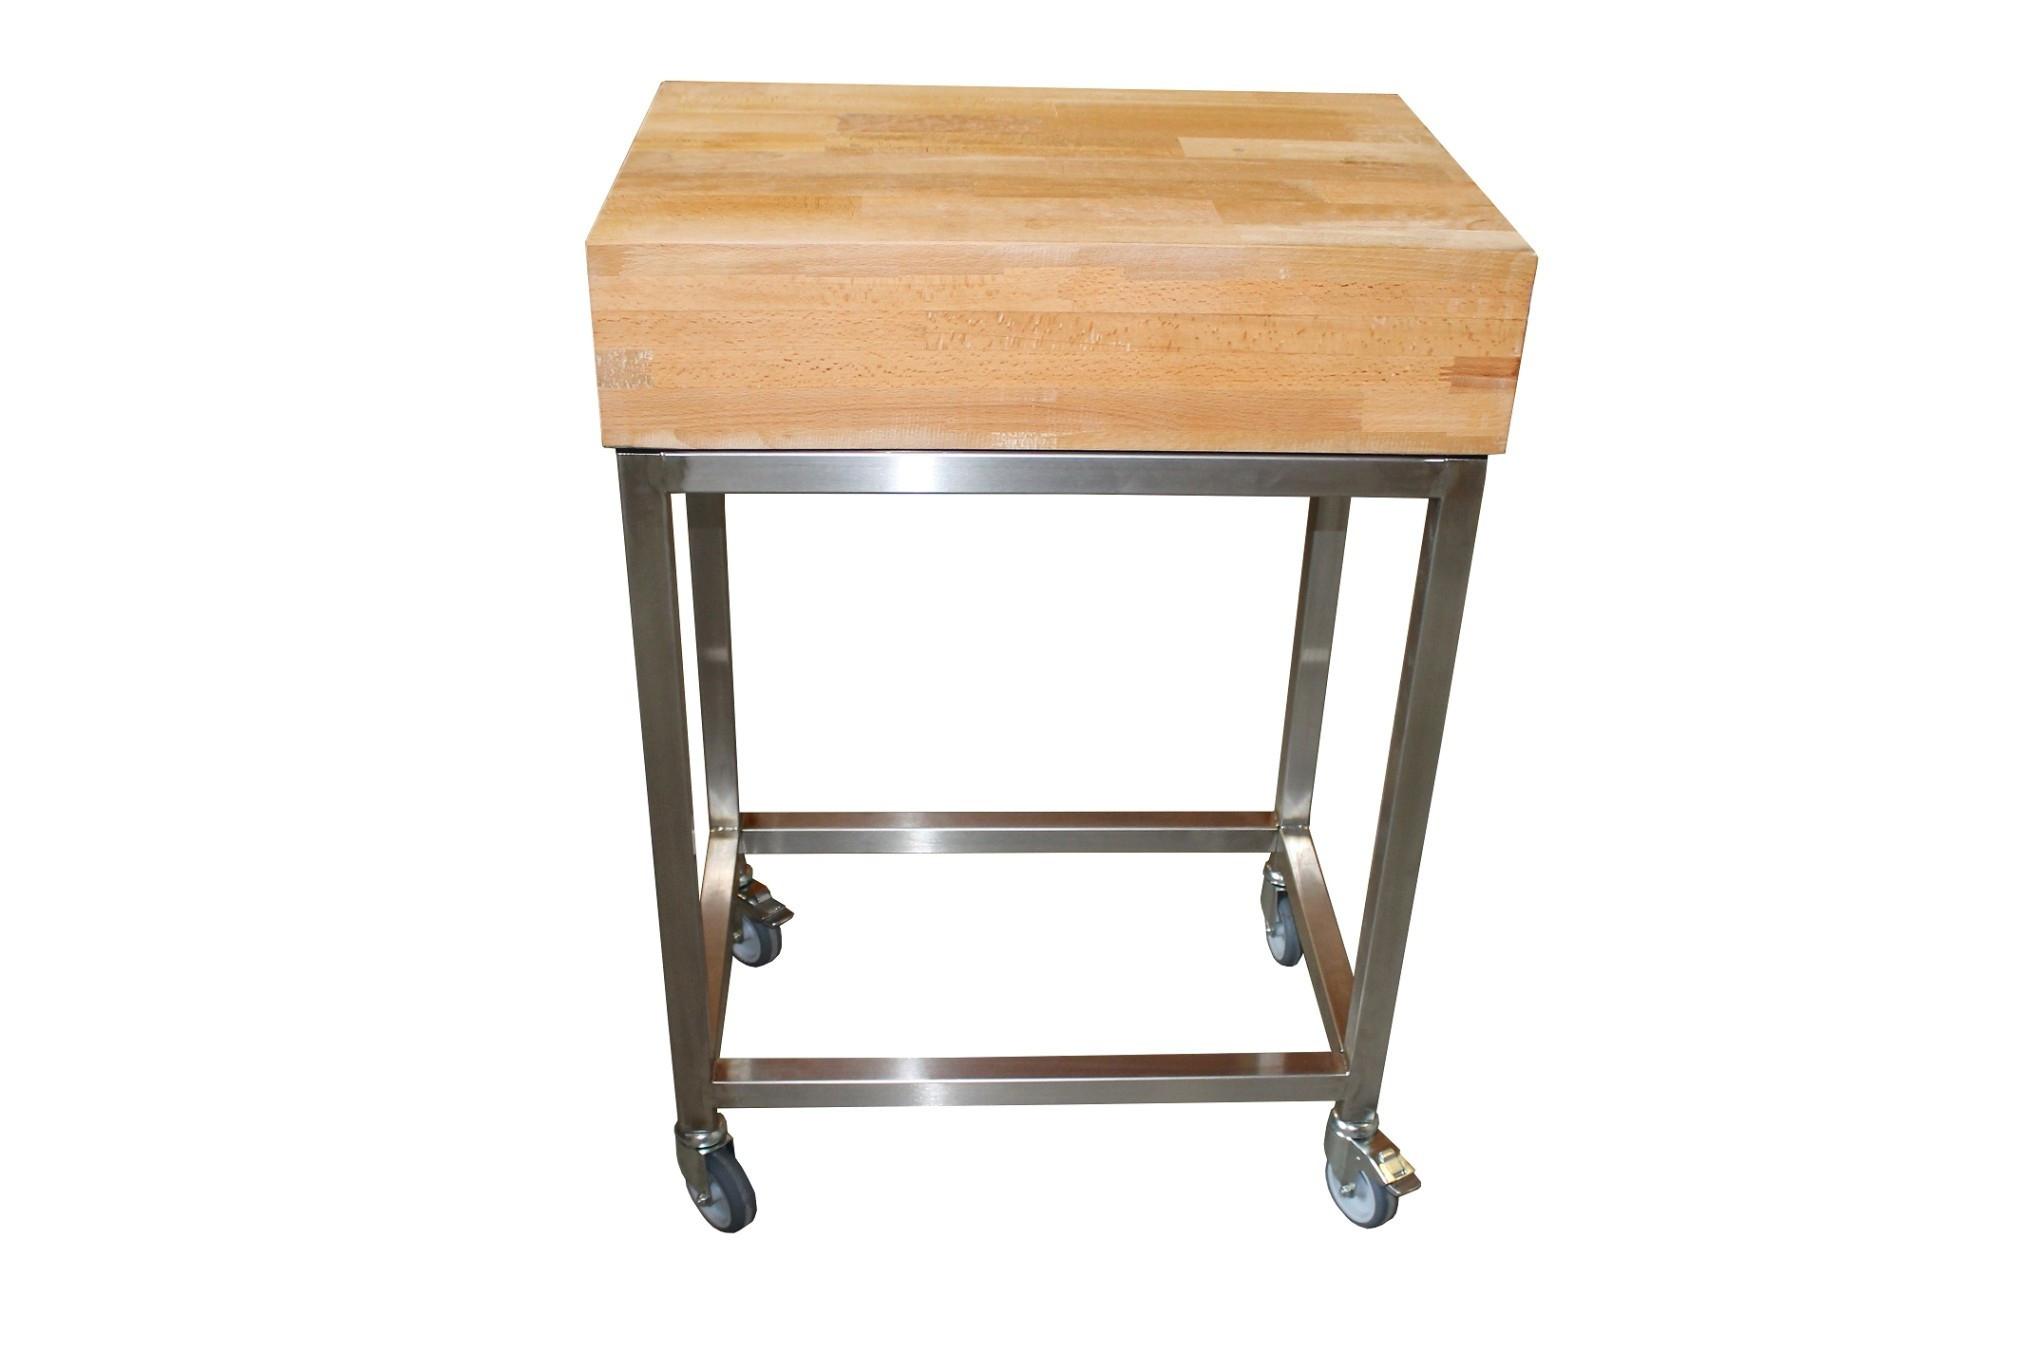 Fabriquer Un Ilot Central Table Meilleur De Image Fabriquer Une Table A Manger Idee Bar Steinteppich Balkon 0d